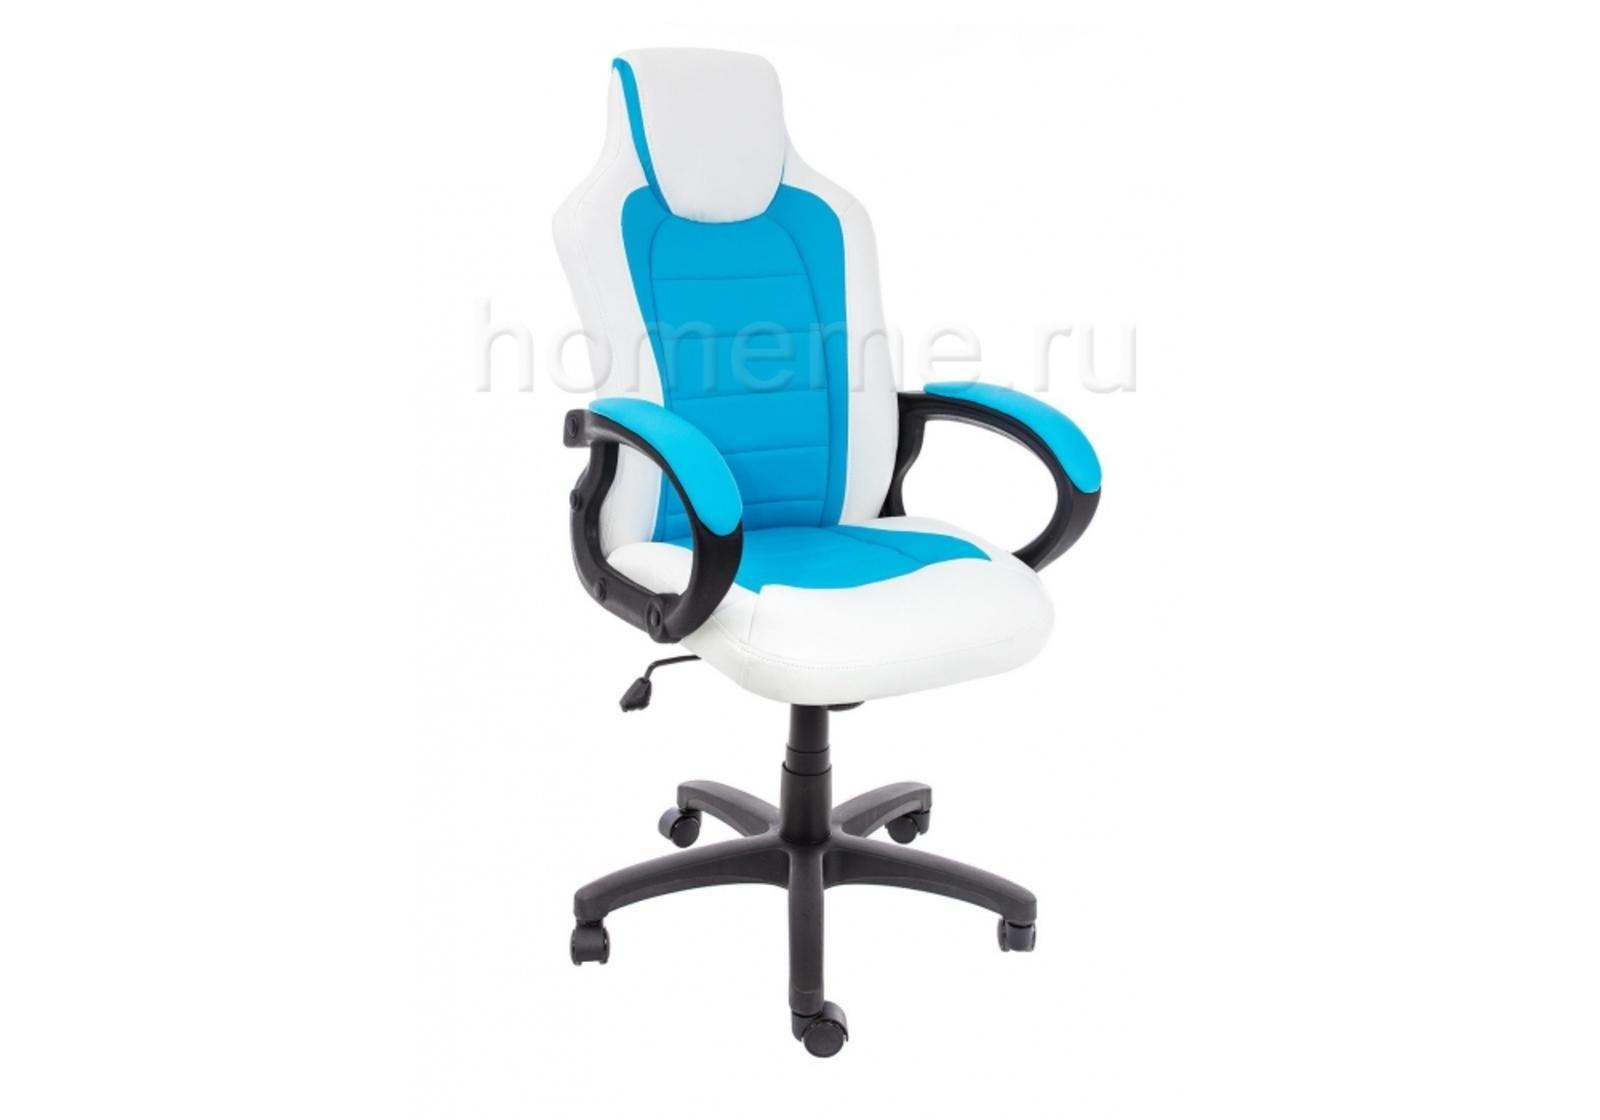 Кресло для офиса HomeMe Компьютерное кресло Kadis светло-синий / белый 1947 от Homeme.ru